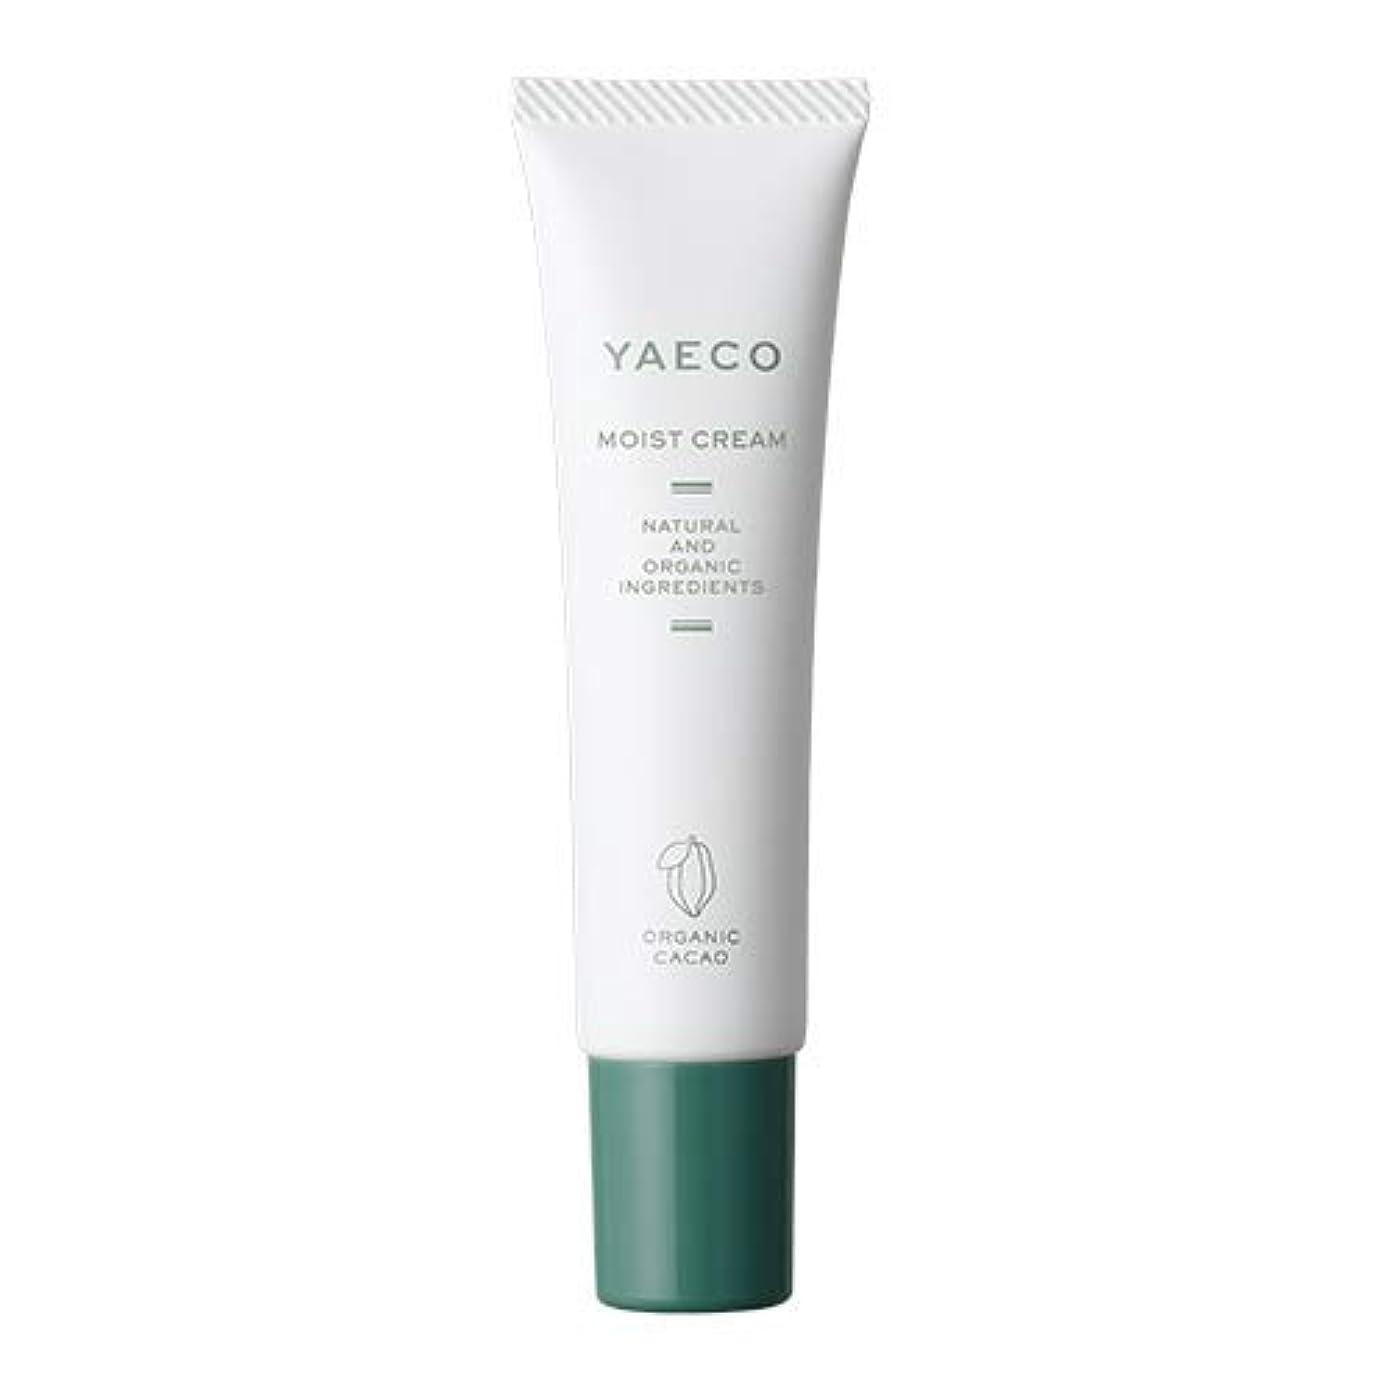 投資する不適当ゴールドYAECO(ヤエコ)オーガニックカカオモイストクリーム 30g